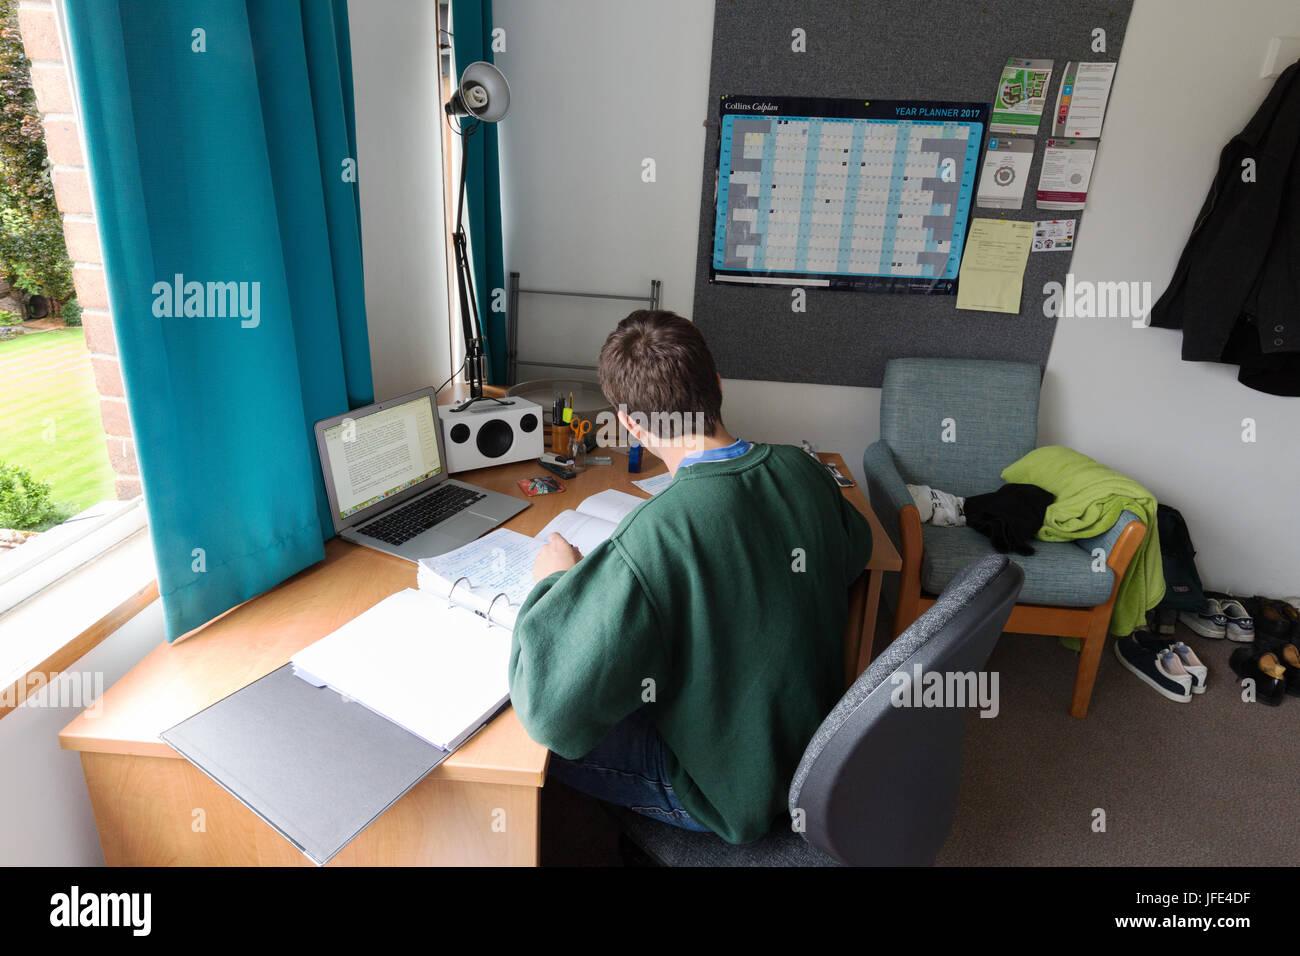 Studente universitario studiando per gli esami nella sua camera, Queens College, Università di Cambridge, Inghilterra Immagini Stock